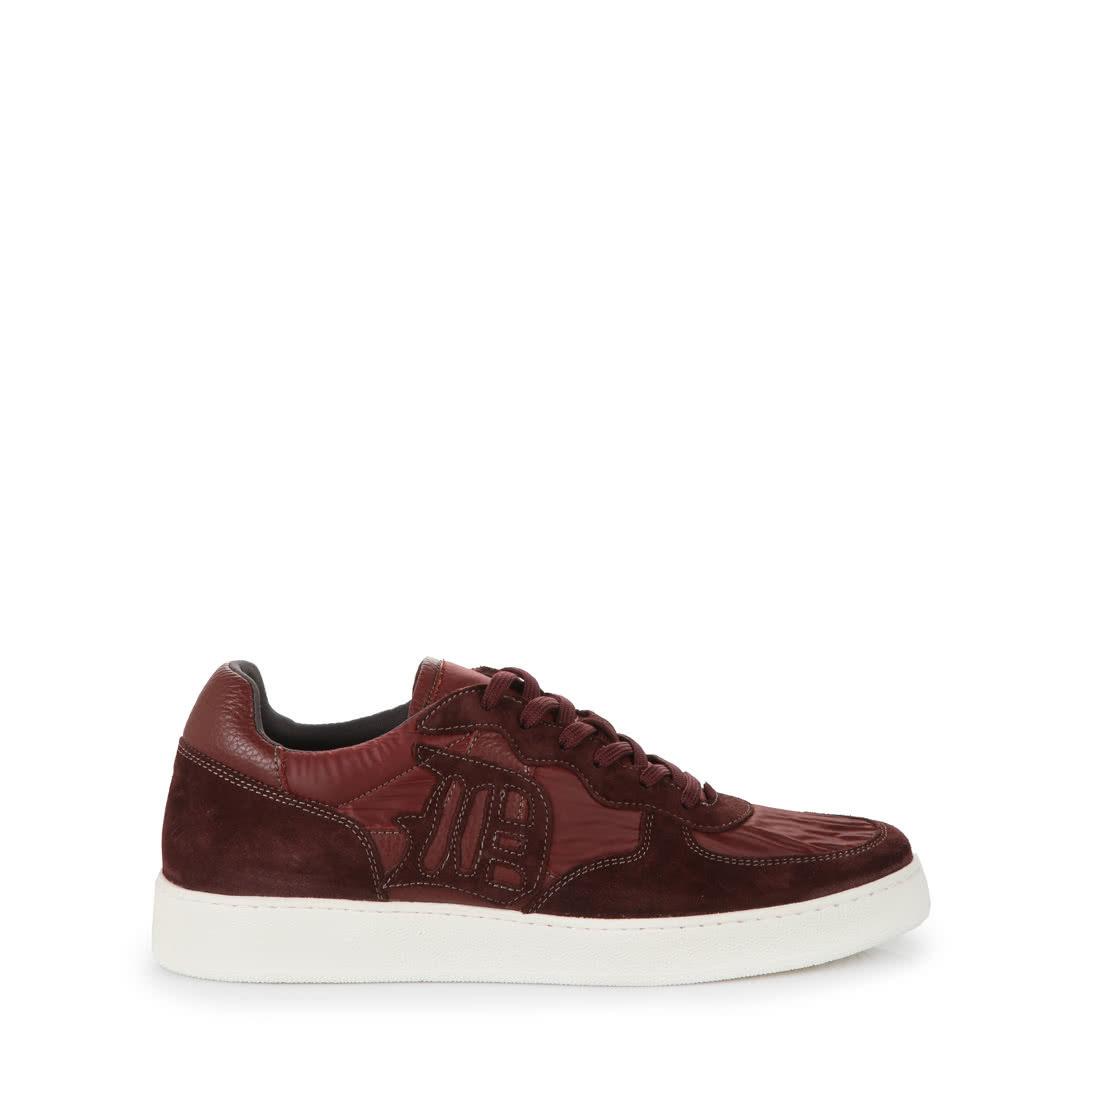 sale retailer 9242c 7336d Buffalo men's sneakers in wine-red buy online in BUFFALO ...